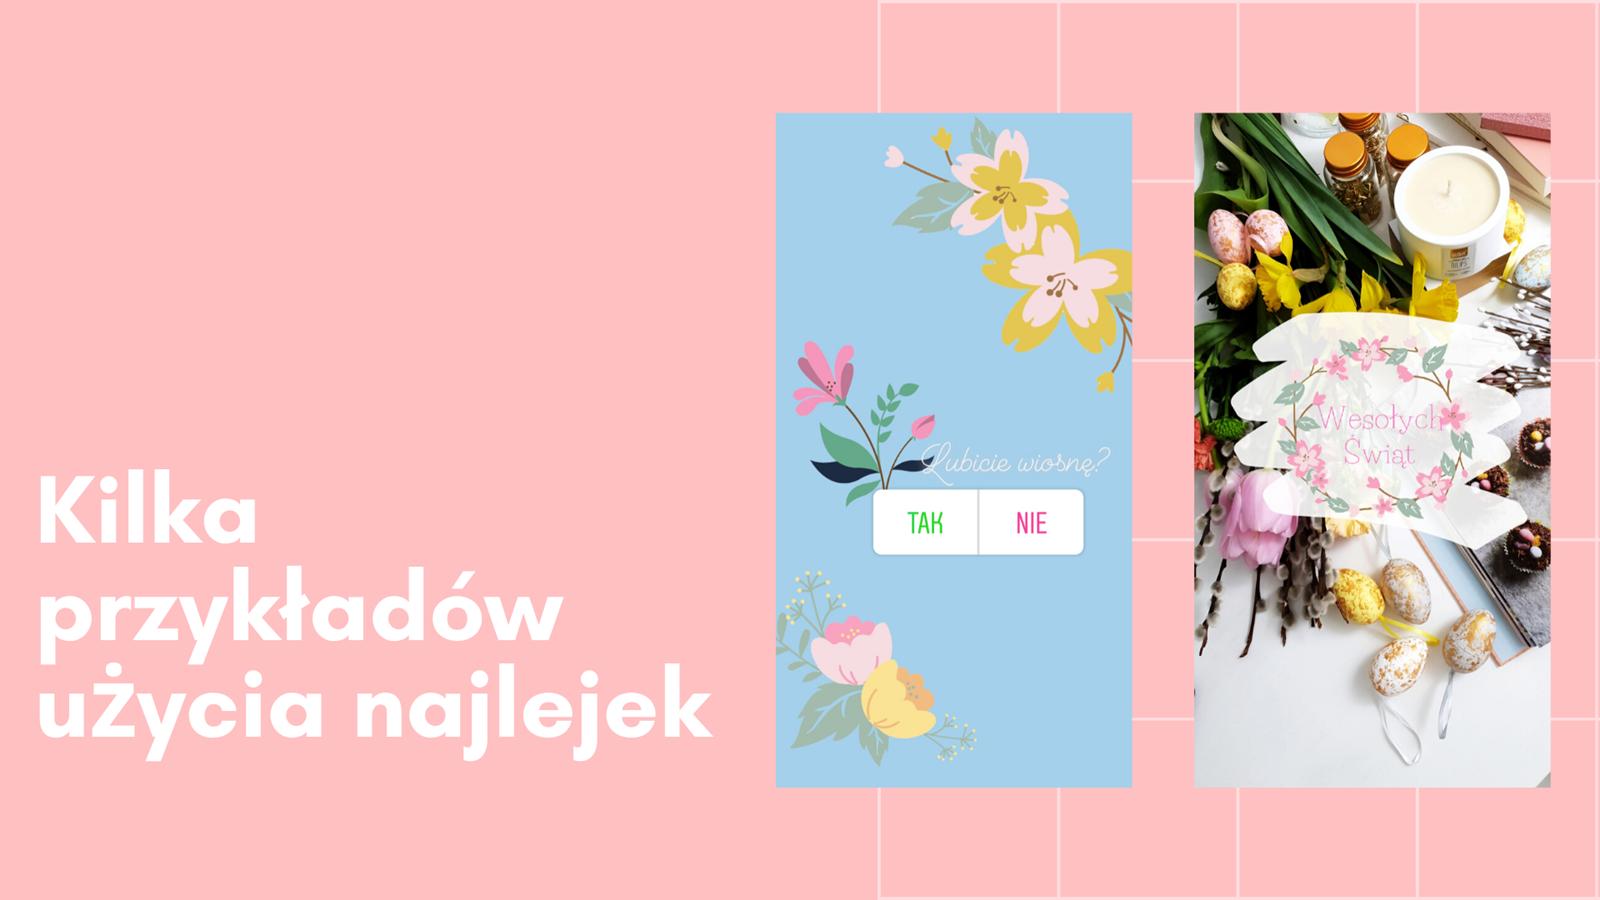 11 darmowe naklejki na instastories kwiaty wielkanoc jak zrobić swoją naklejkę na stories instagram jak wstawiać naklejki na instastory klawiatura swiftkey instrukcja krok po kroku